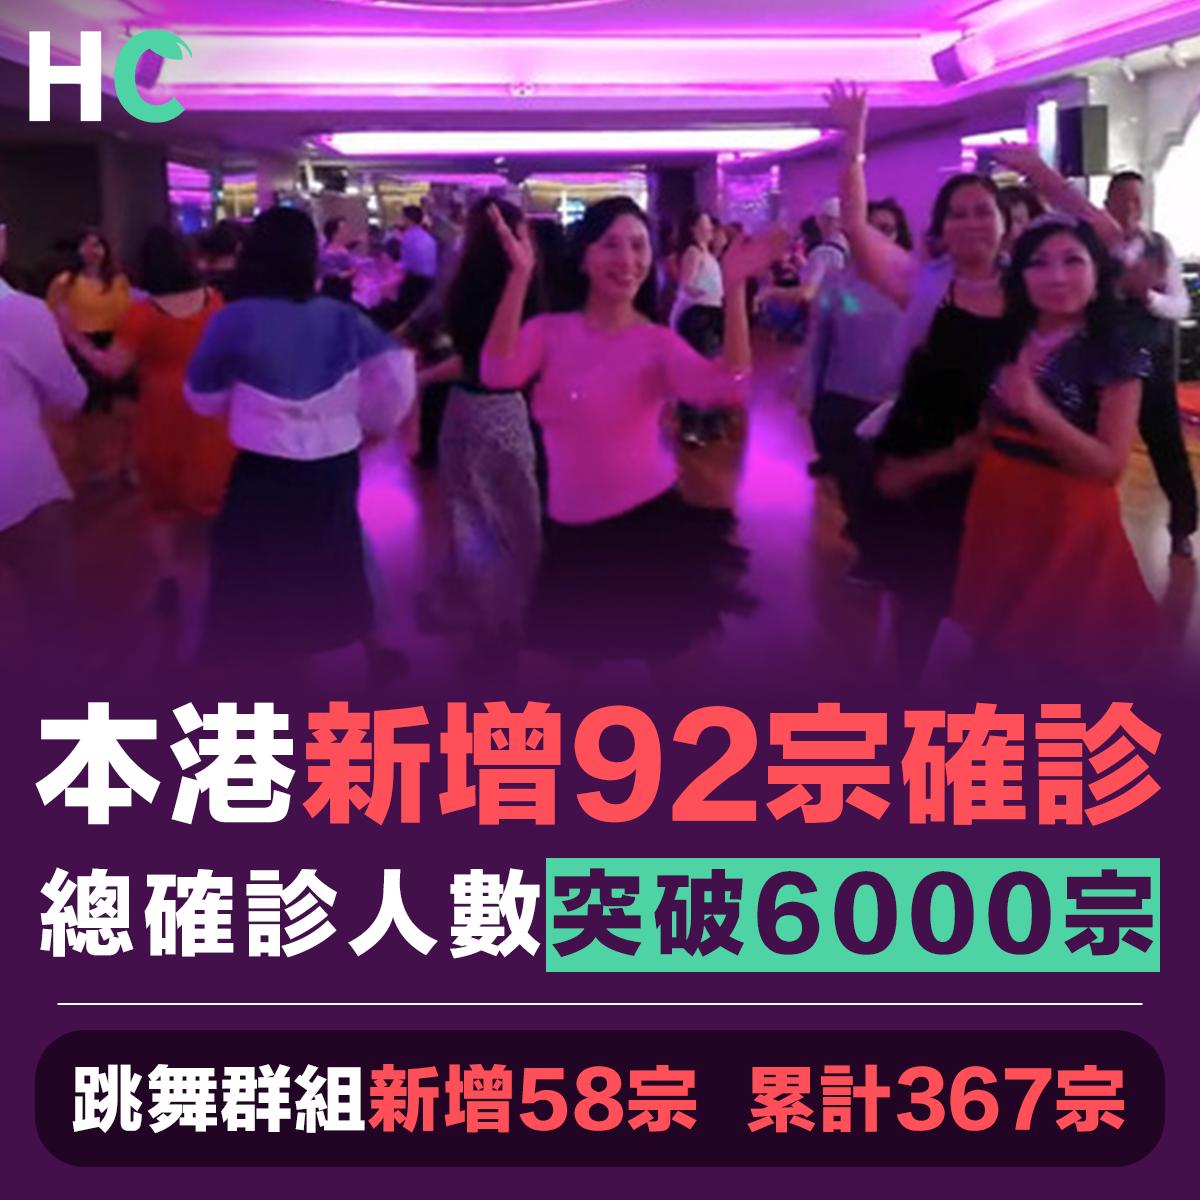 本港新增92宗確診 總確診人數突破6000宗